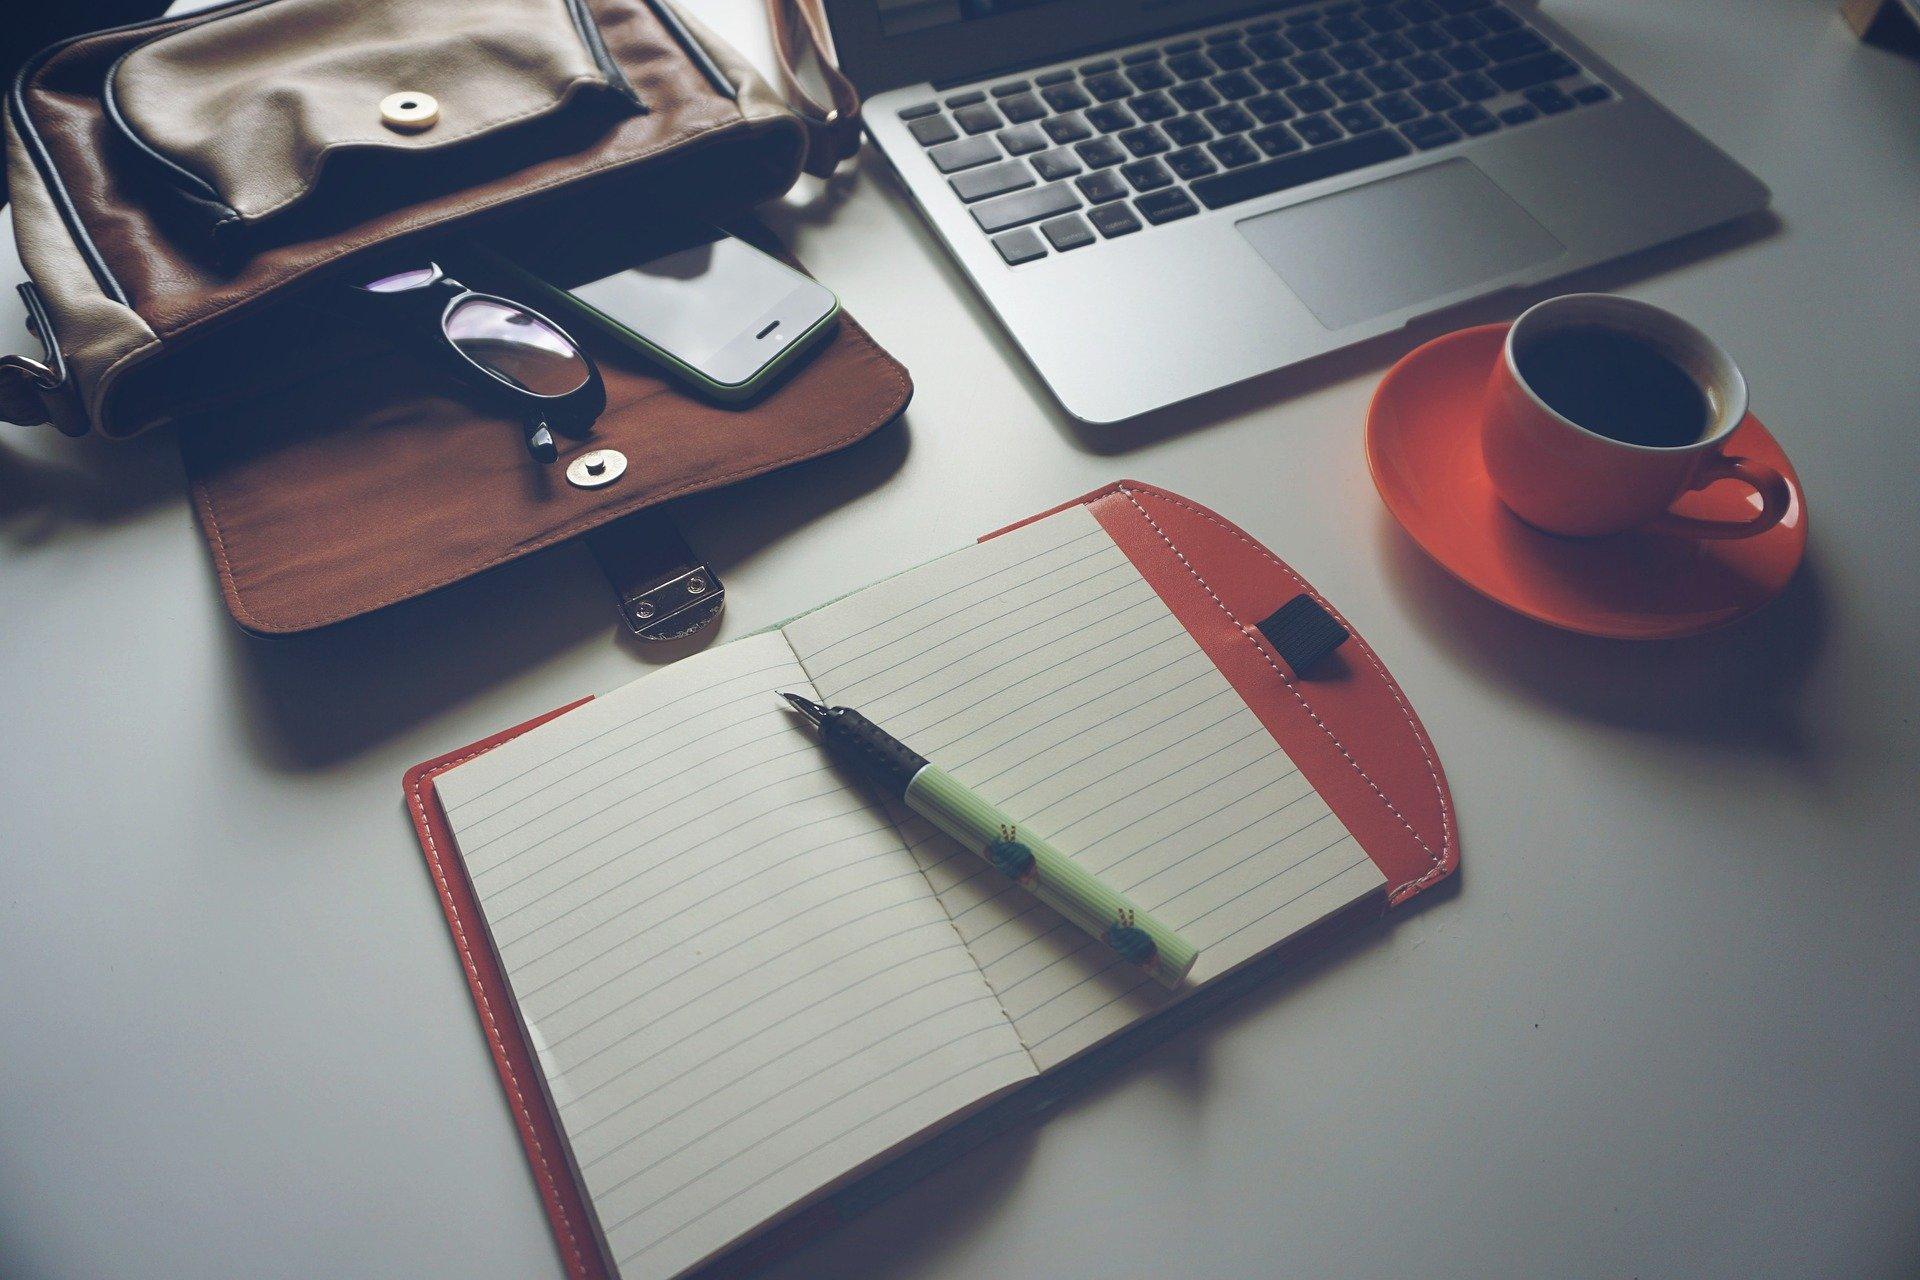 Consulenza di business coaching per avviare un'attività online